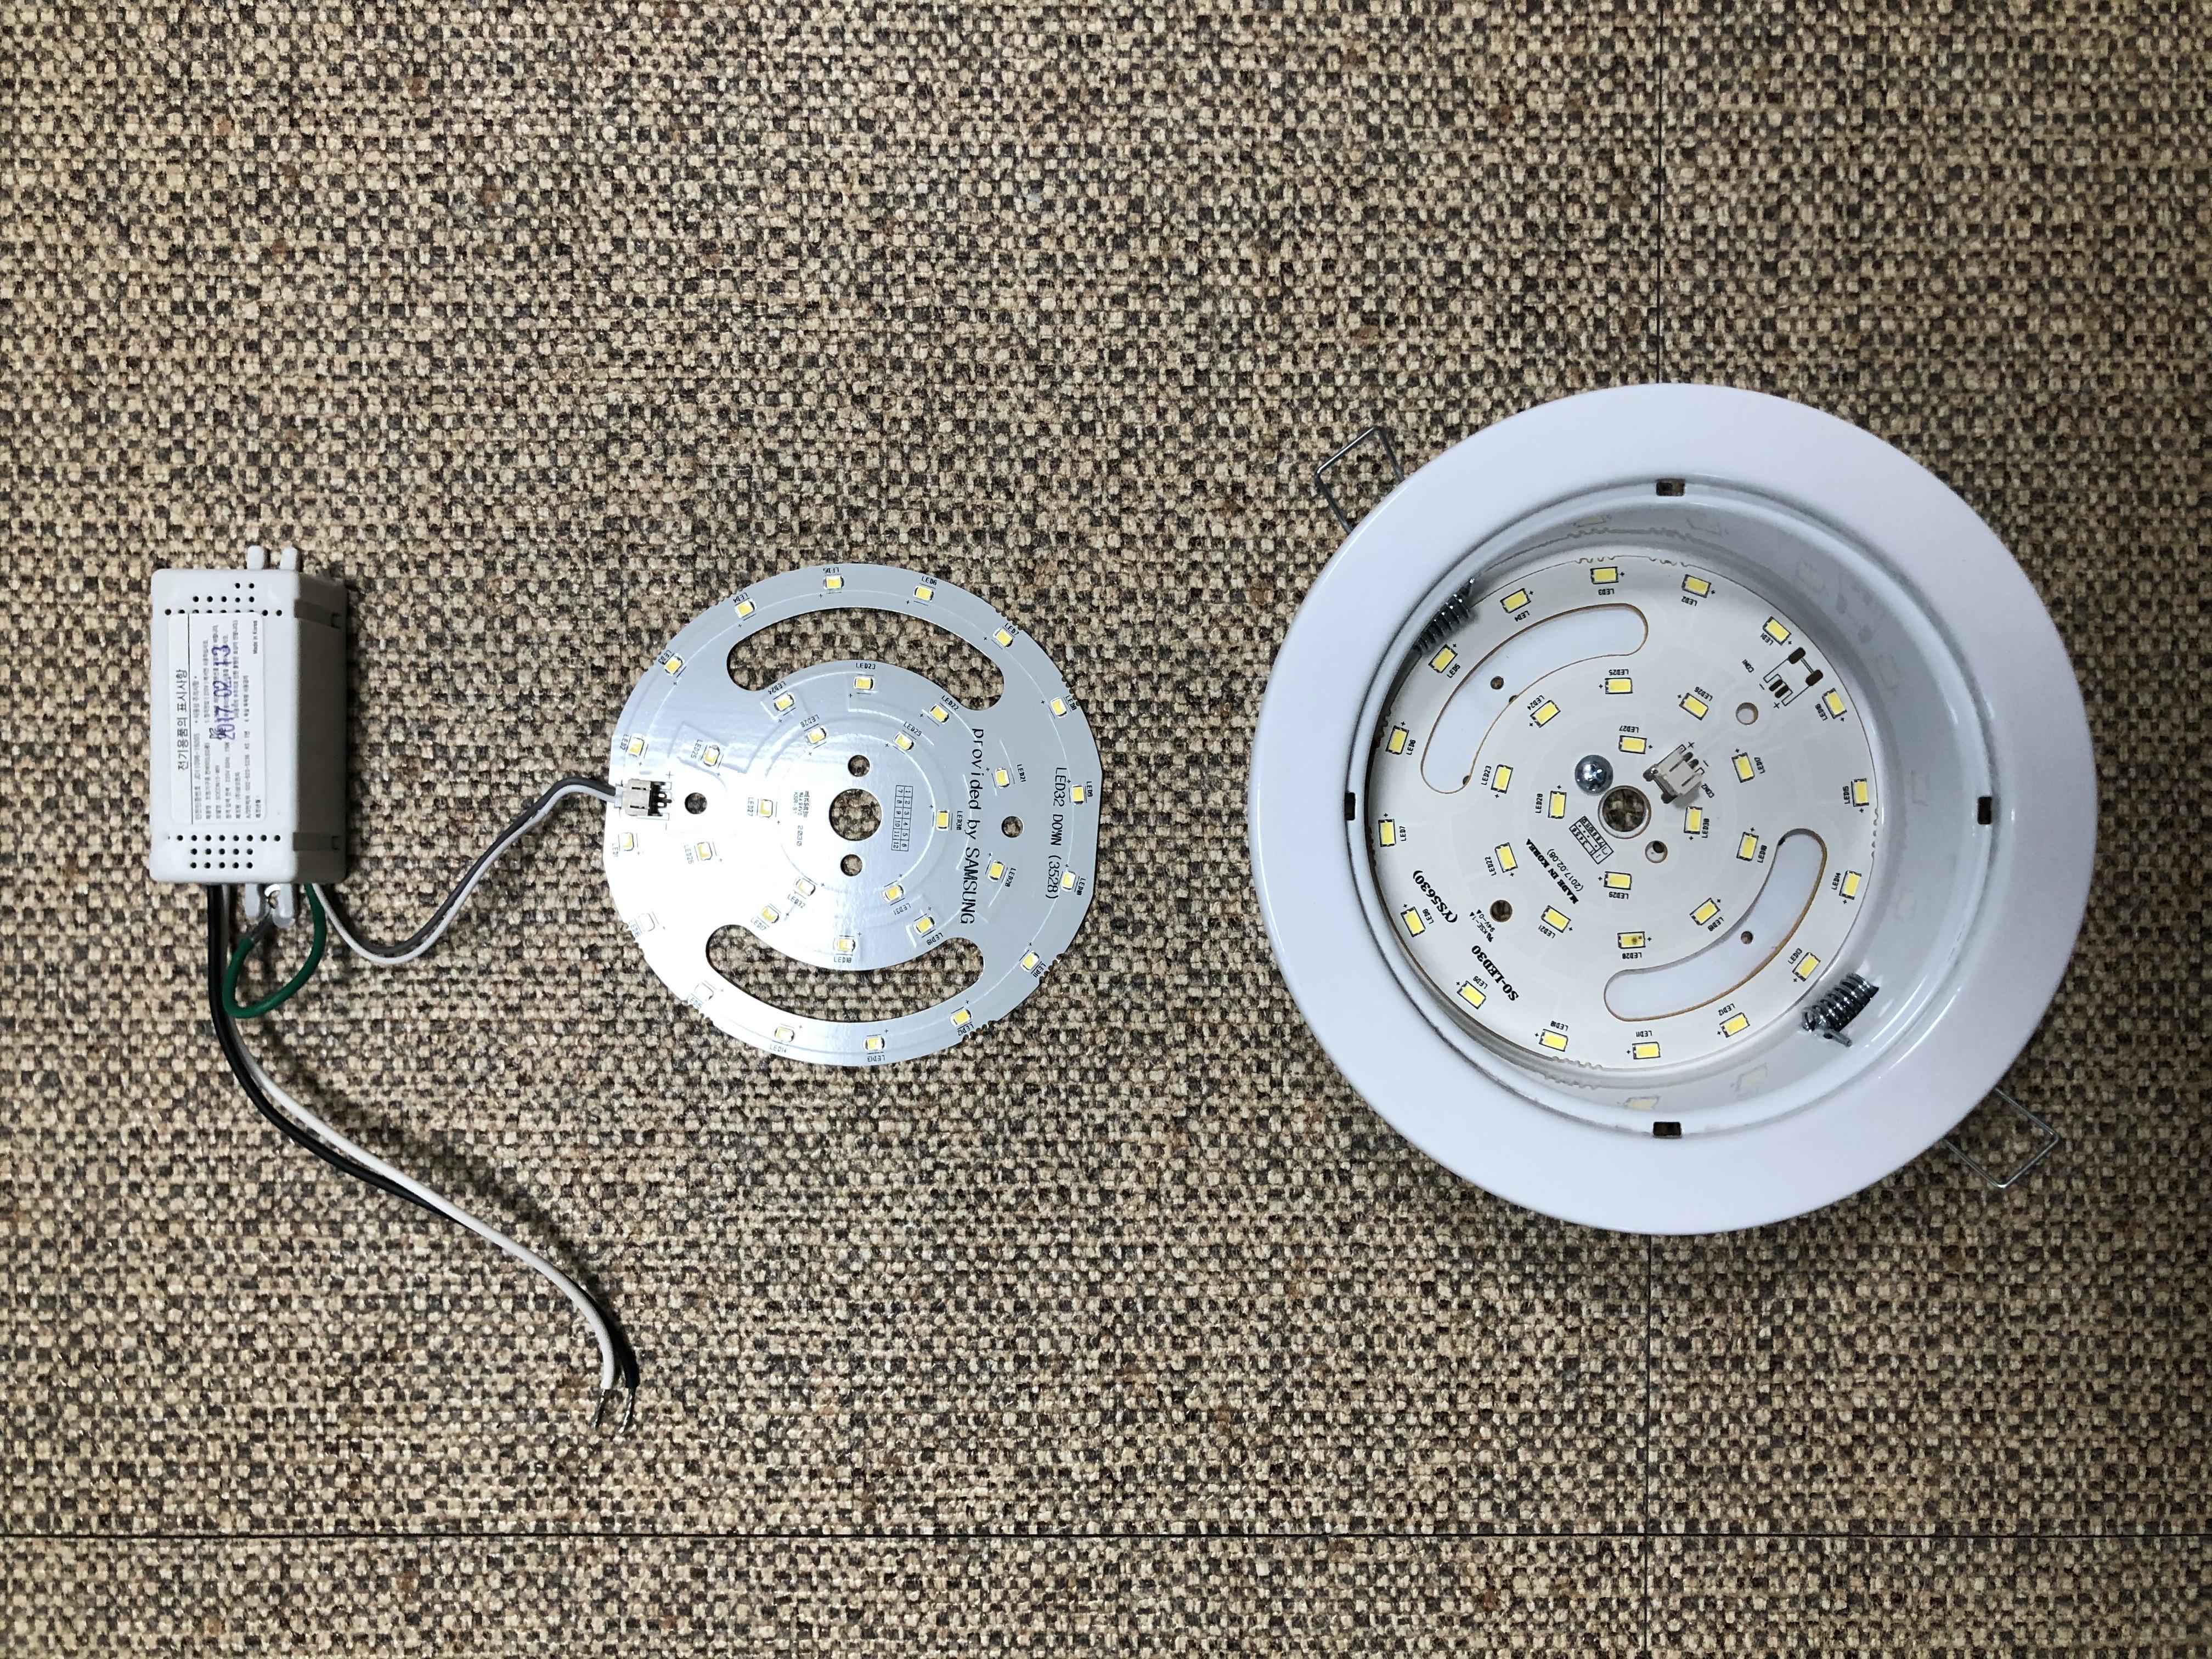 LED등 싸게 고쳐 쓰는 방법